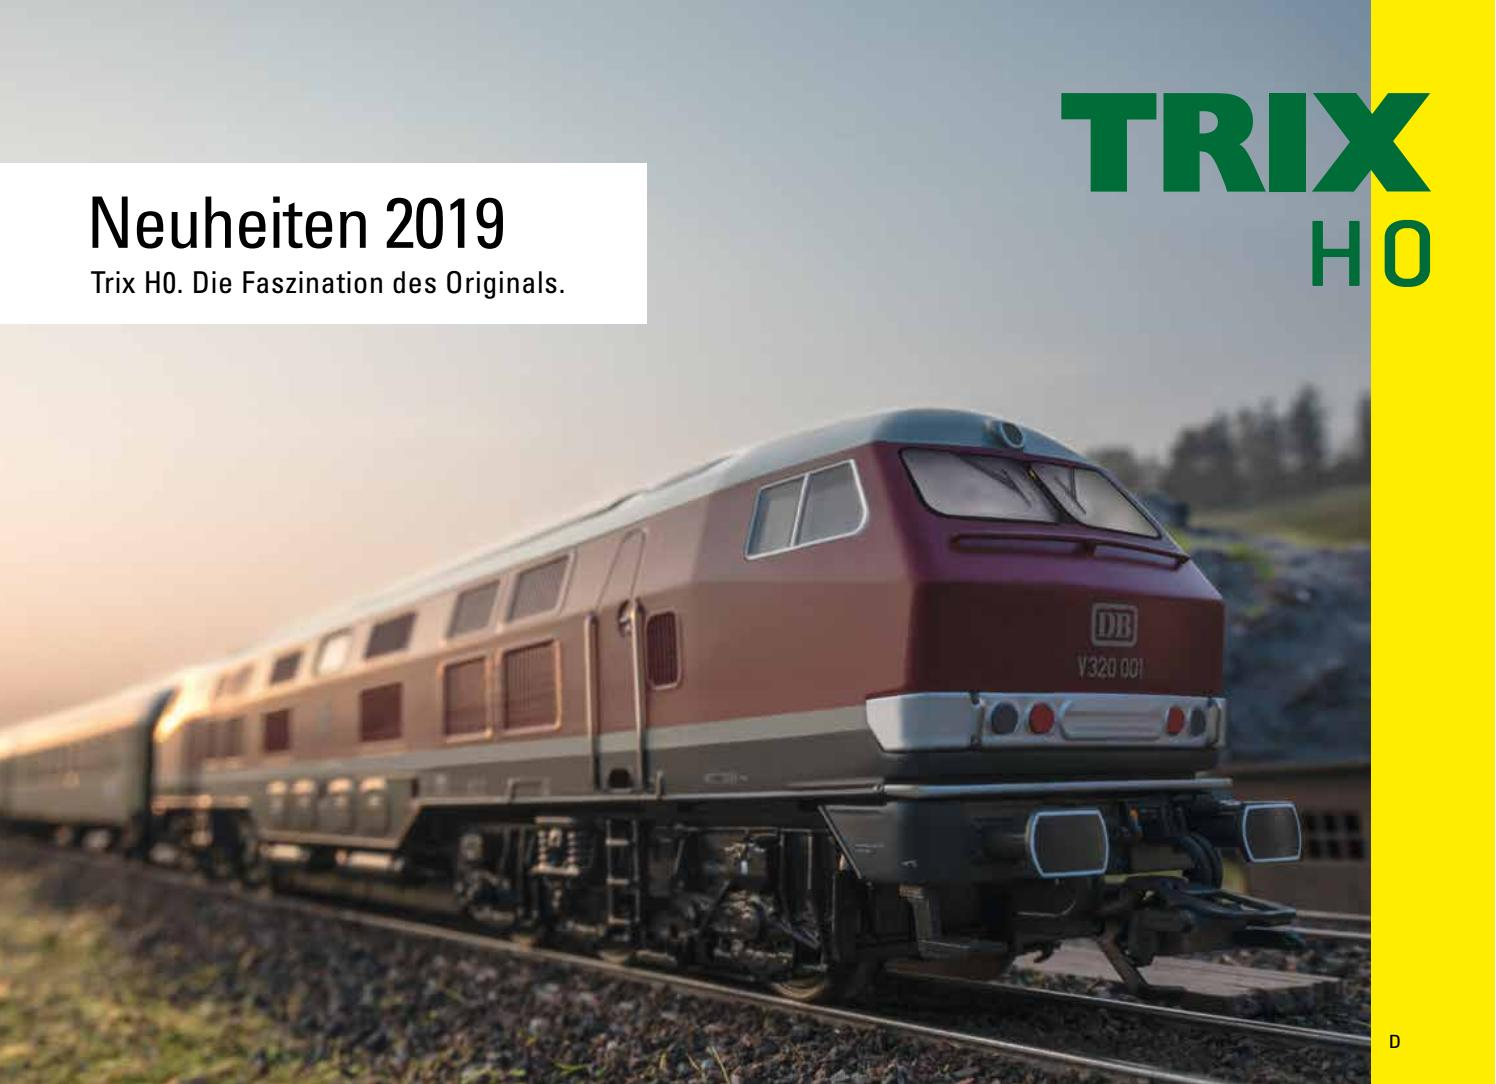 Trix Express 33965 Trix-Club Kesselwagen für fünfjährige Mitgliedschaft Neu